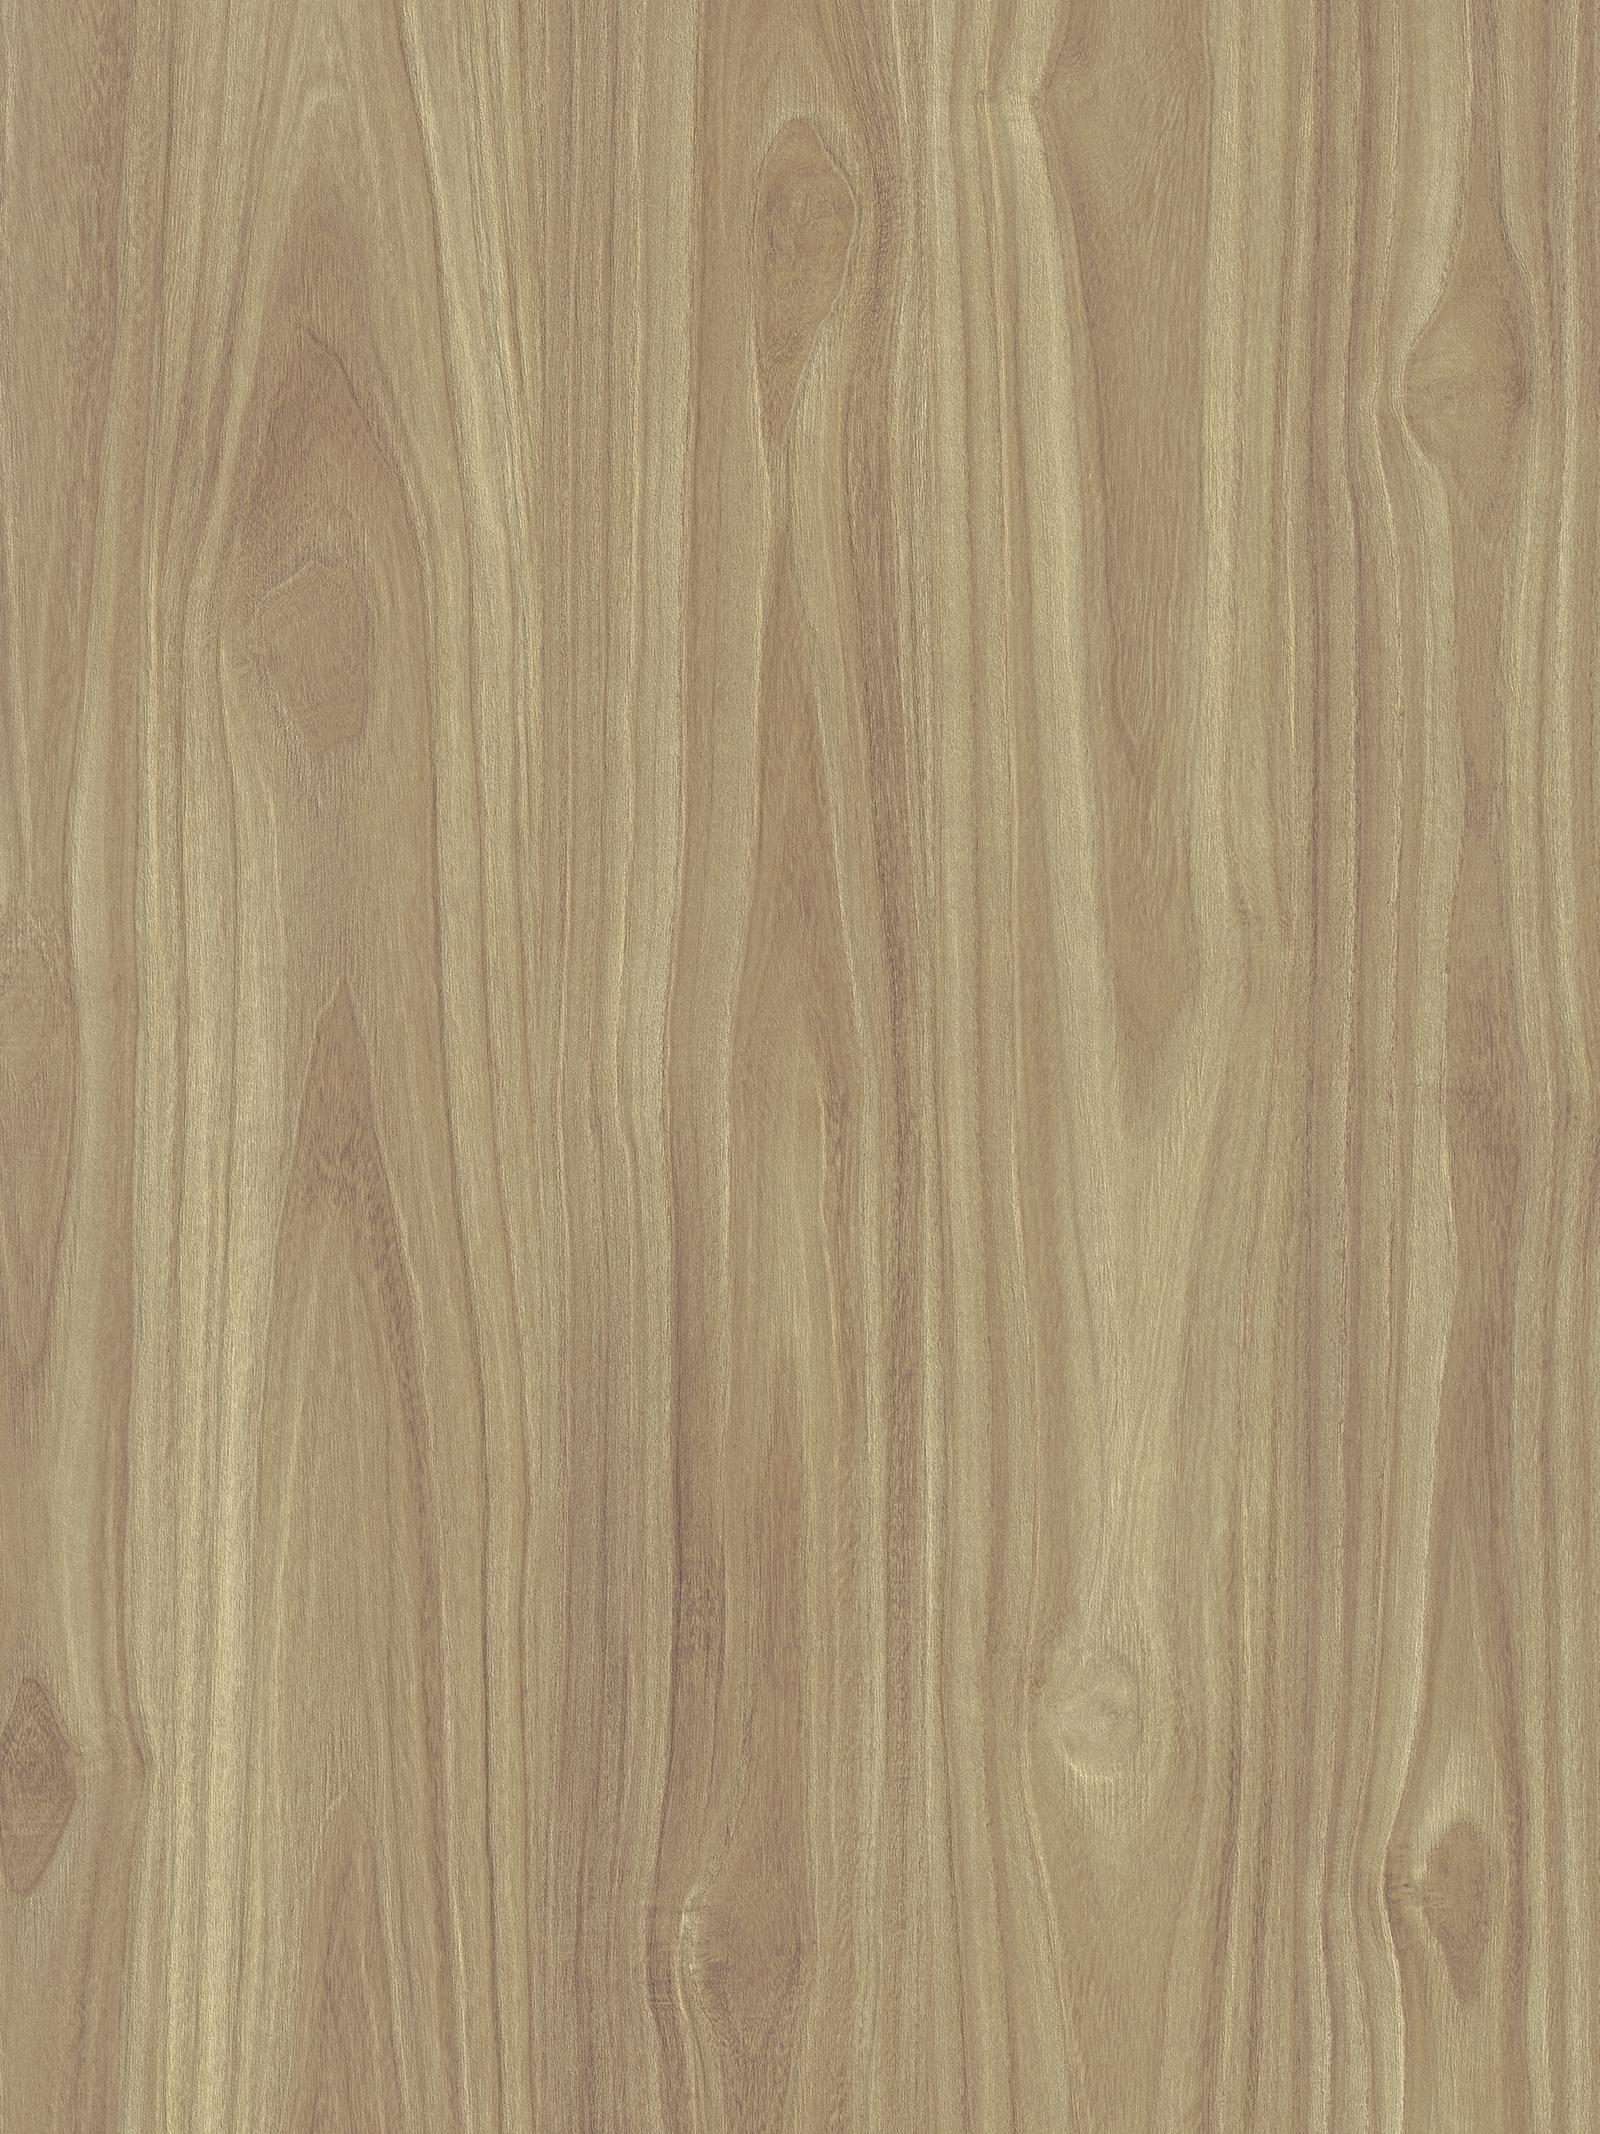 DecoLegno S160 Okobo detail